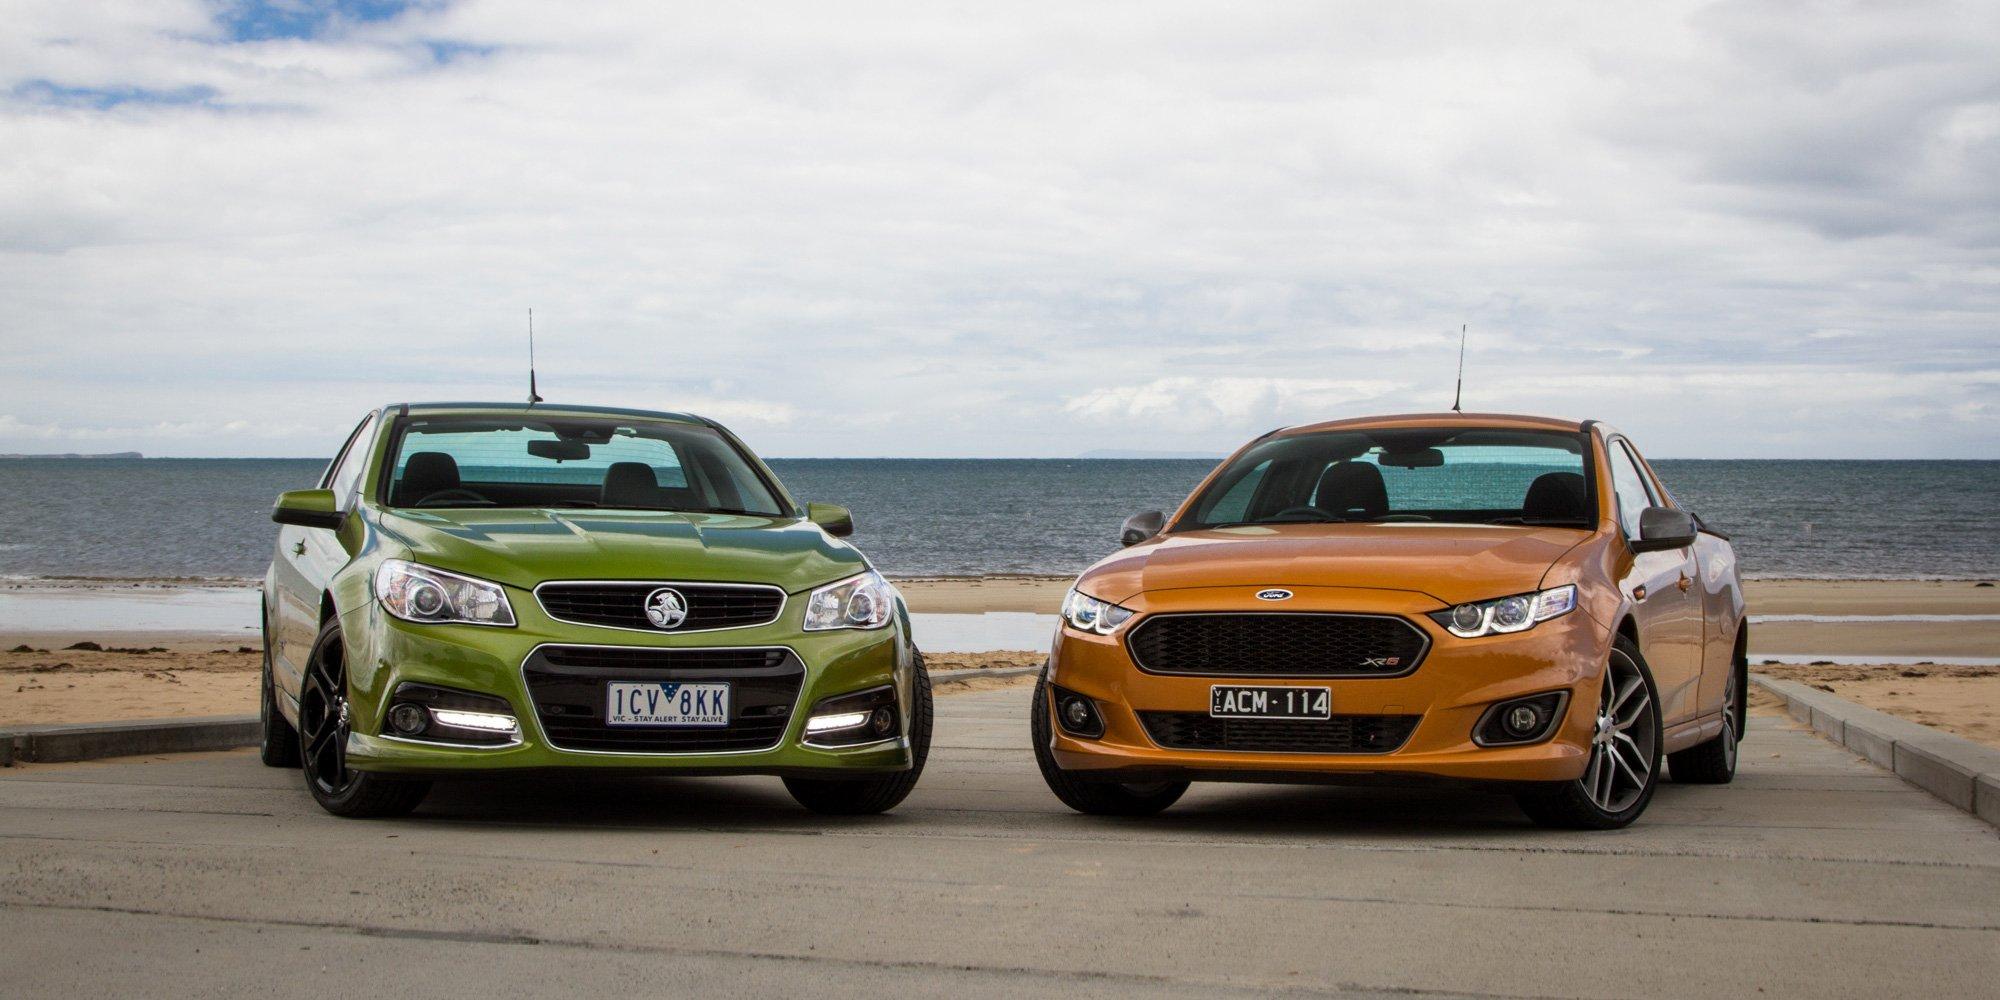 Ford falcon xr6 turbo ute v holden ute ss v redline for Holden motor cars australia